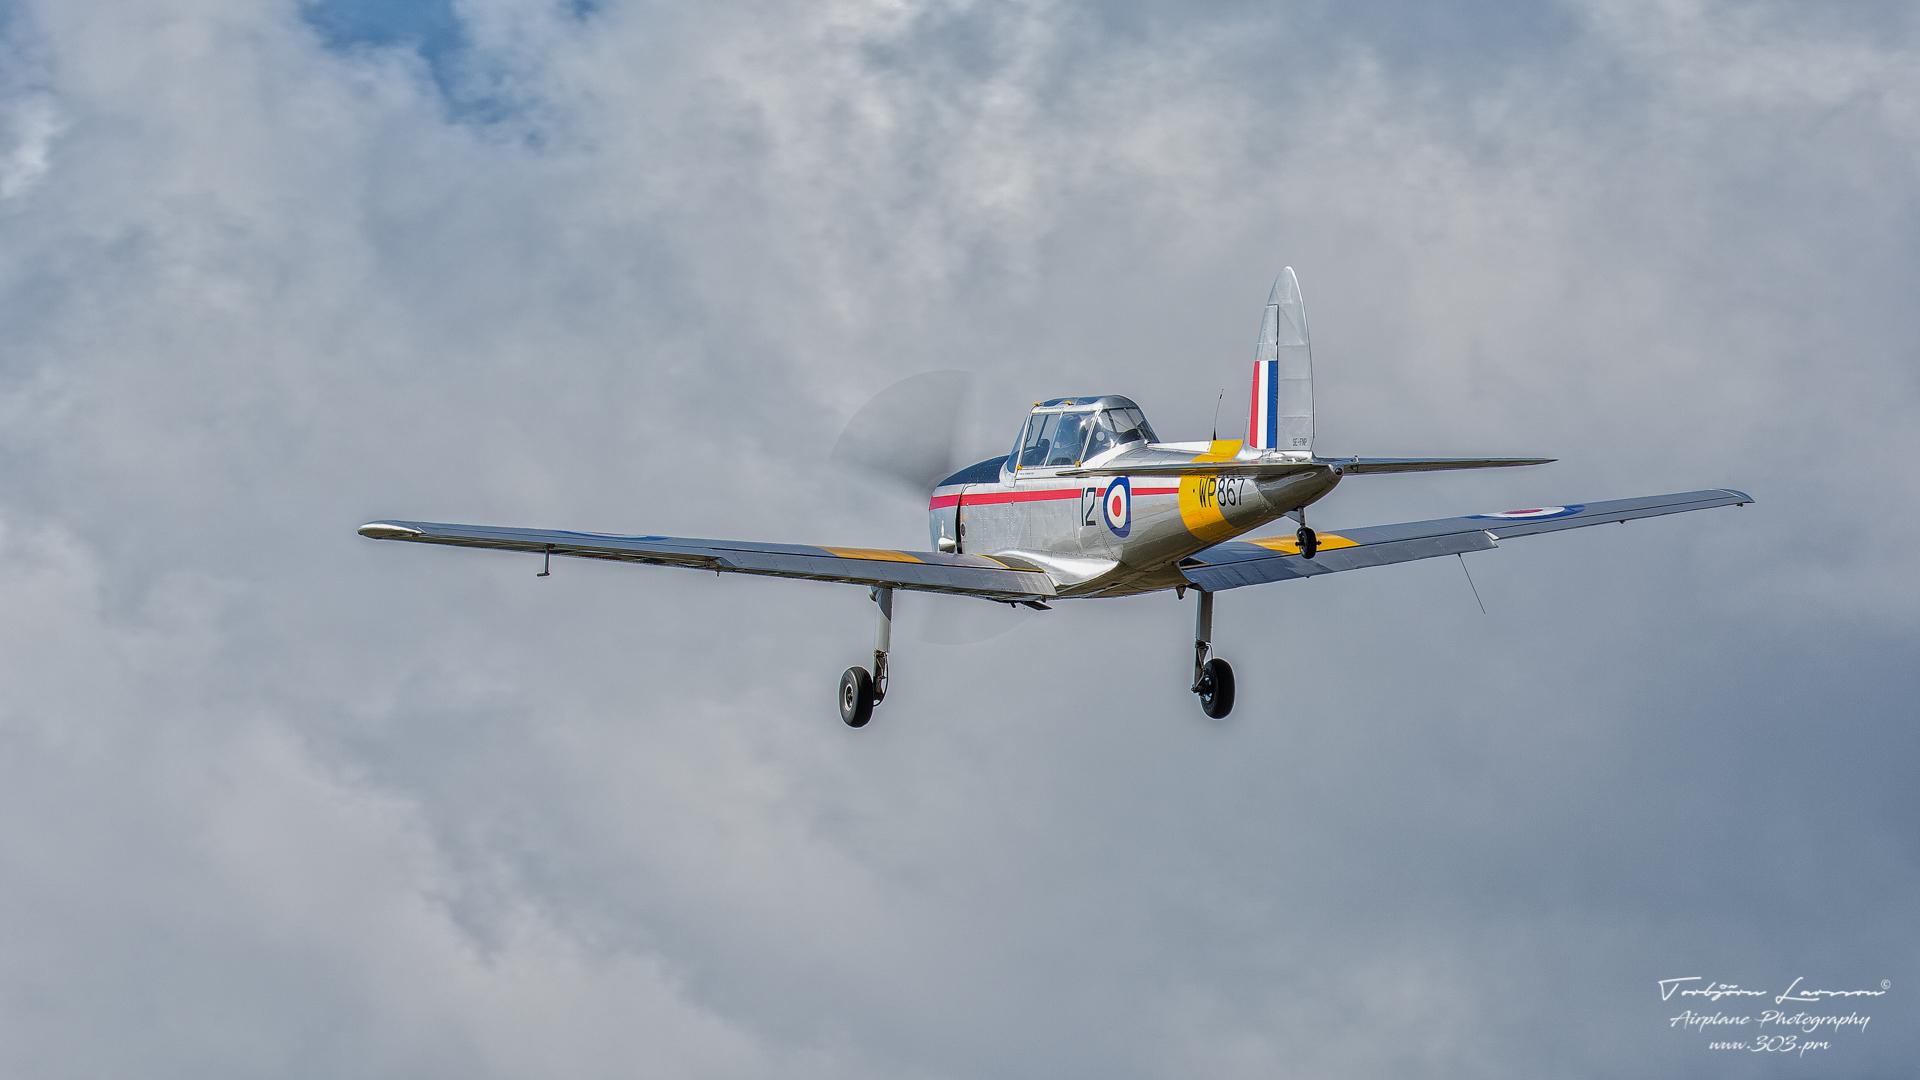 TBE_9537-de Havilland Canada DHC-1 (SE-FNP)